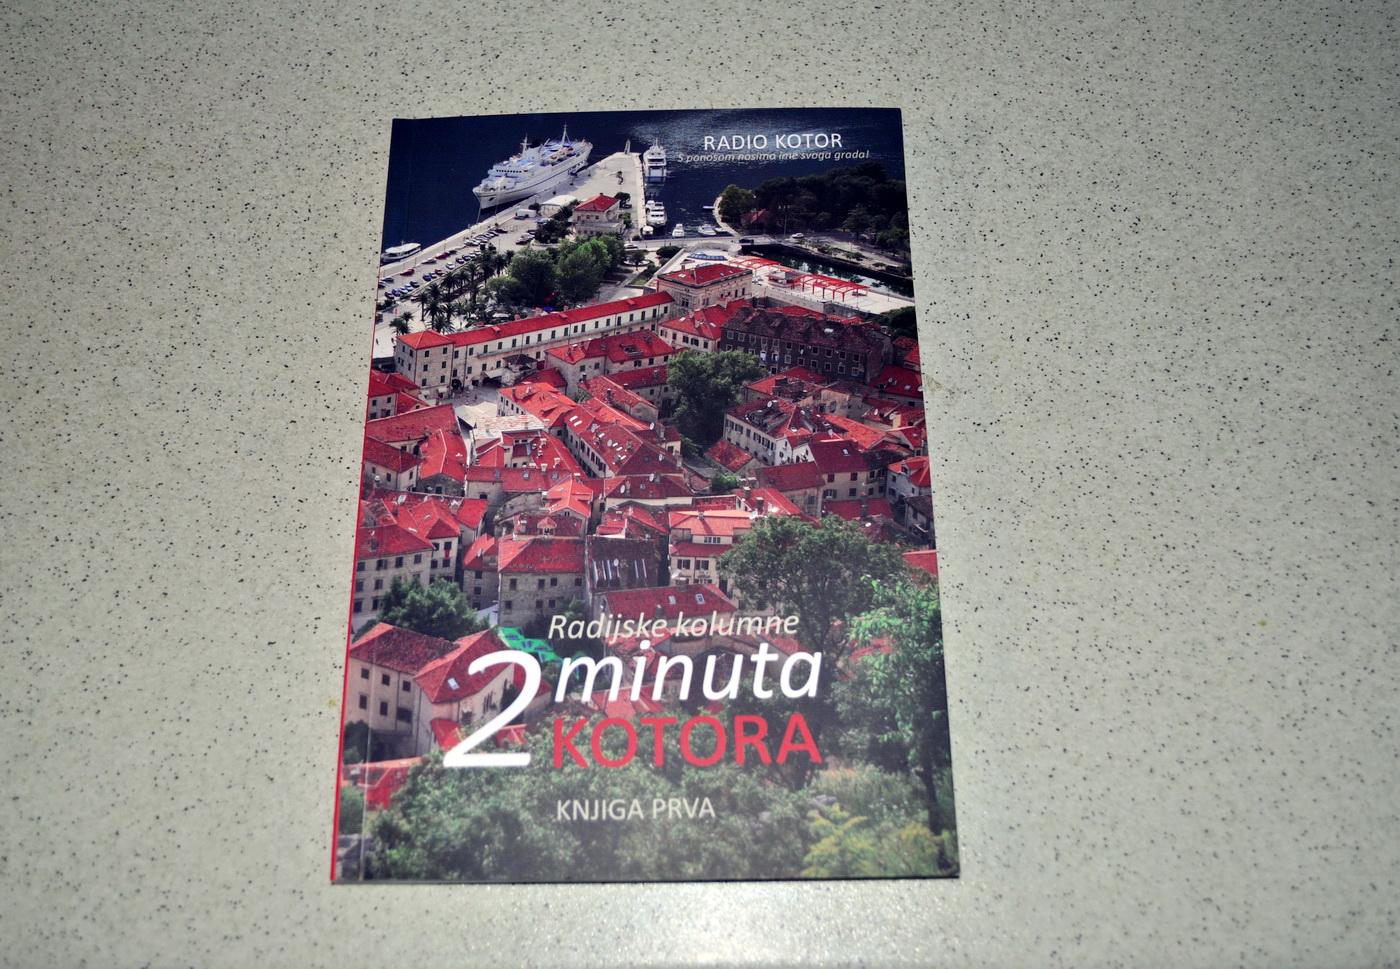 Dva minuta Kotora